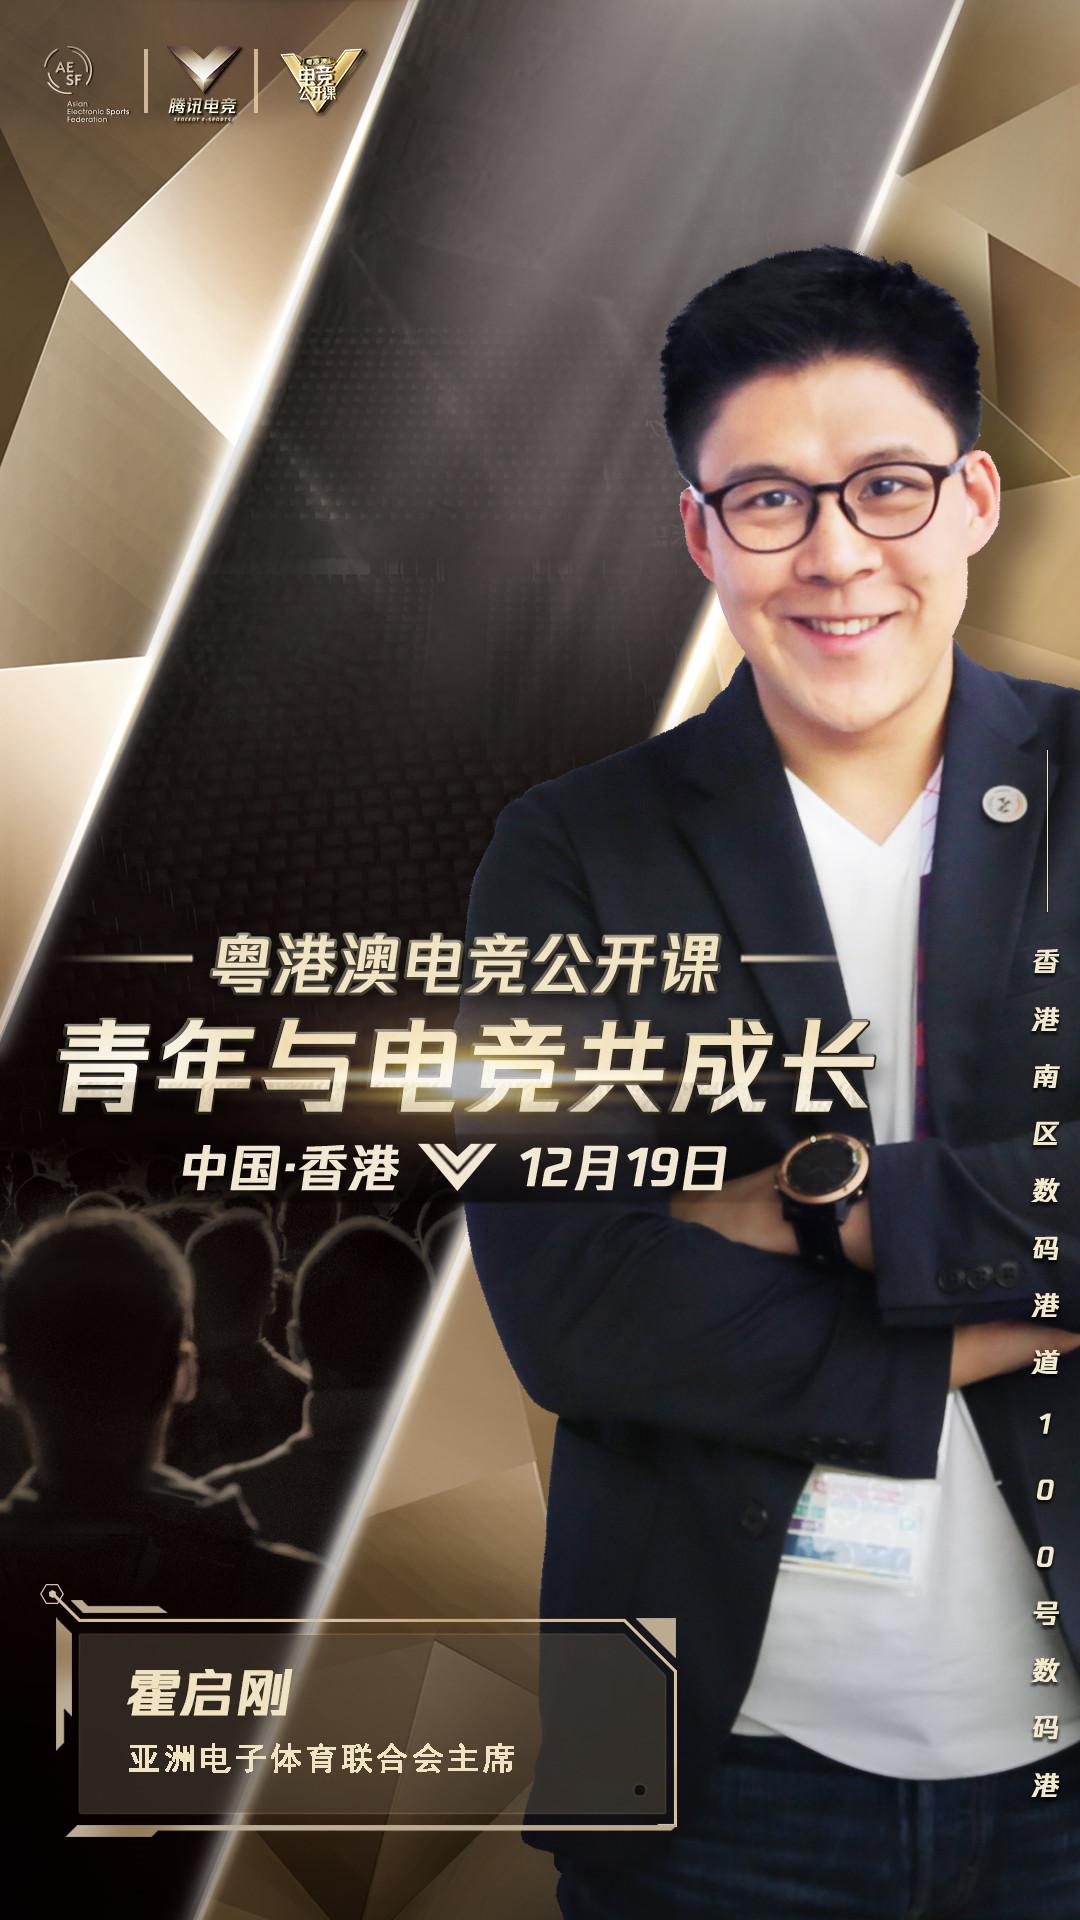 六大青年领袖助力粤港澳电竞公开课 共同探讨电竞青年未来成长之路